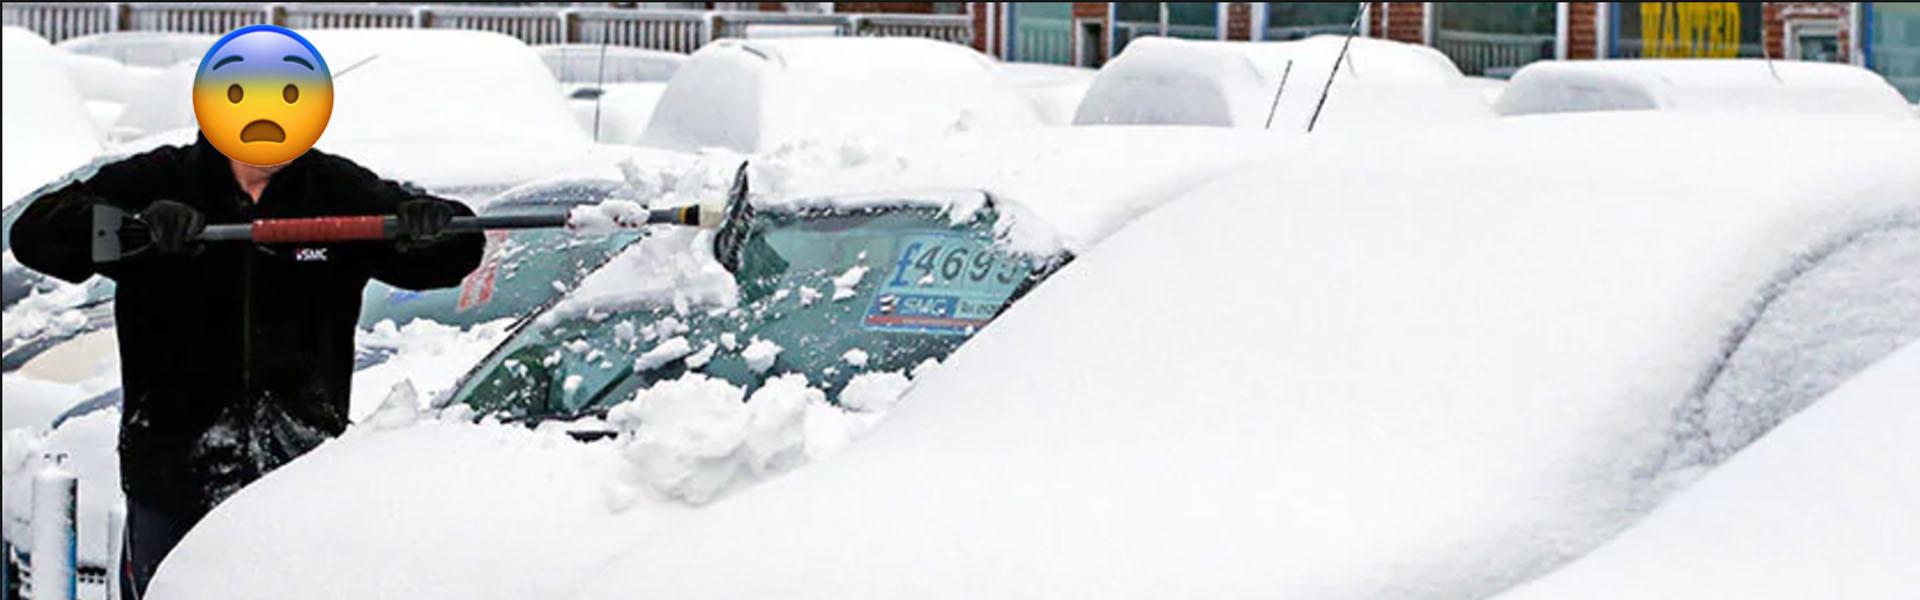 banner blog snow